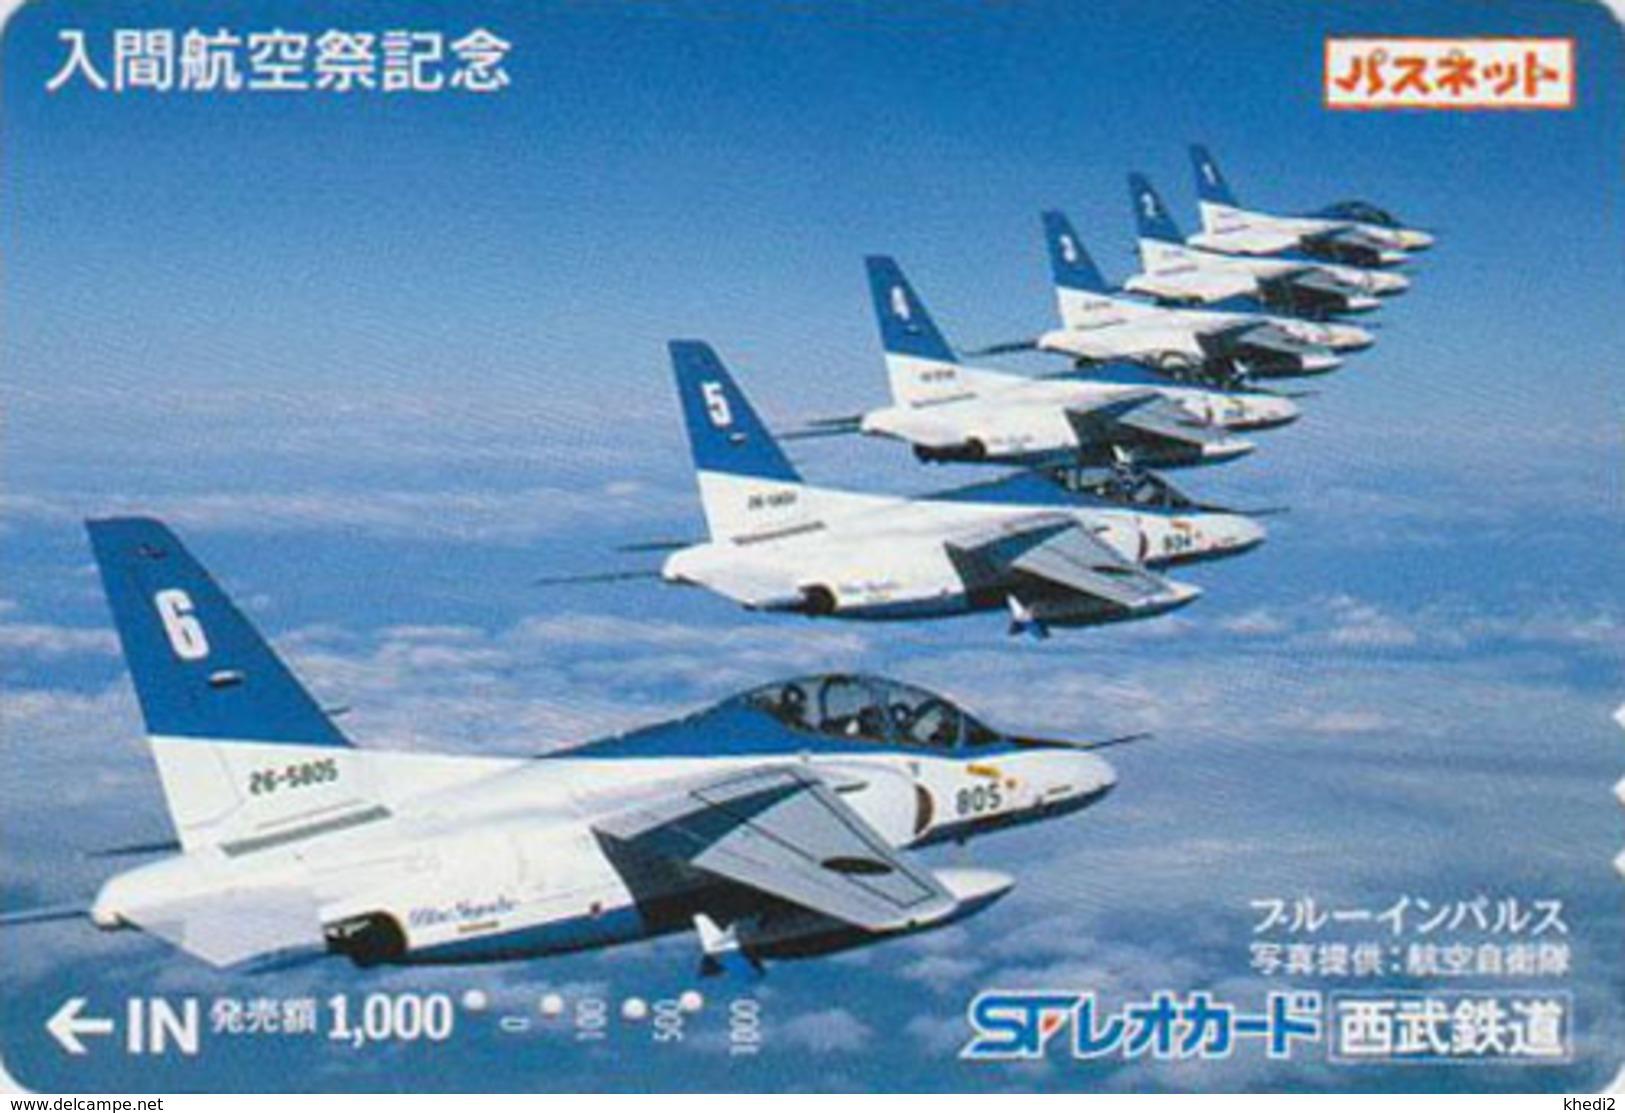 Carte Prépayée Japon - AVIATION - AVION MILITAIRE - MILITARY AIRPLANE - Japan Passnet Lion Card - 2222 - Avions